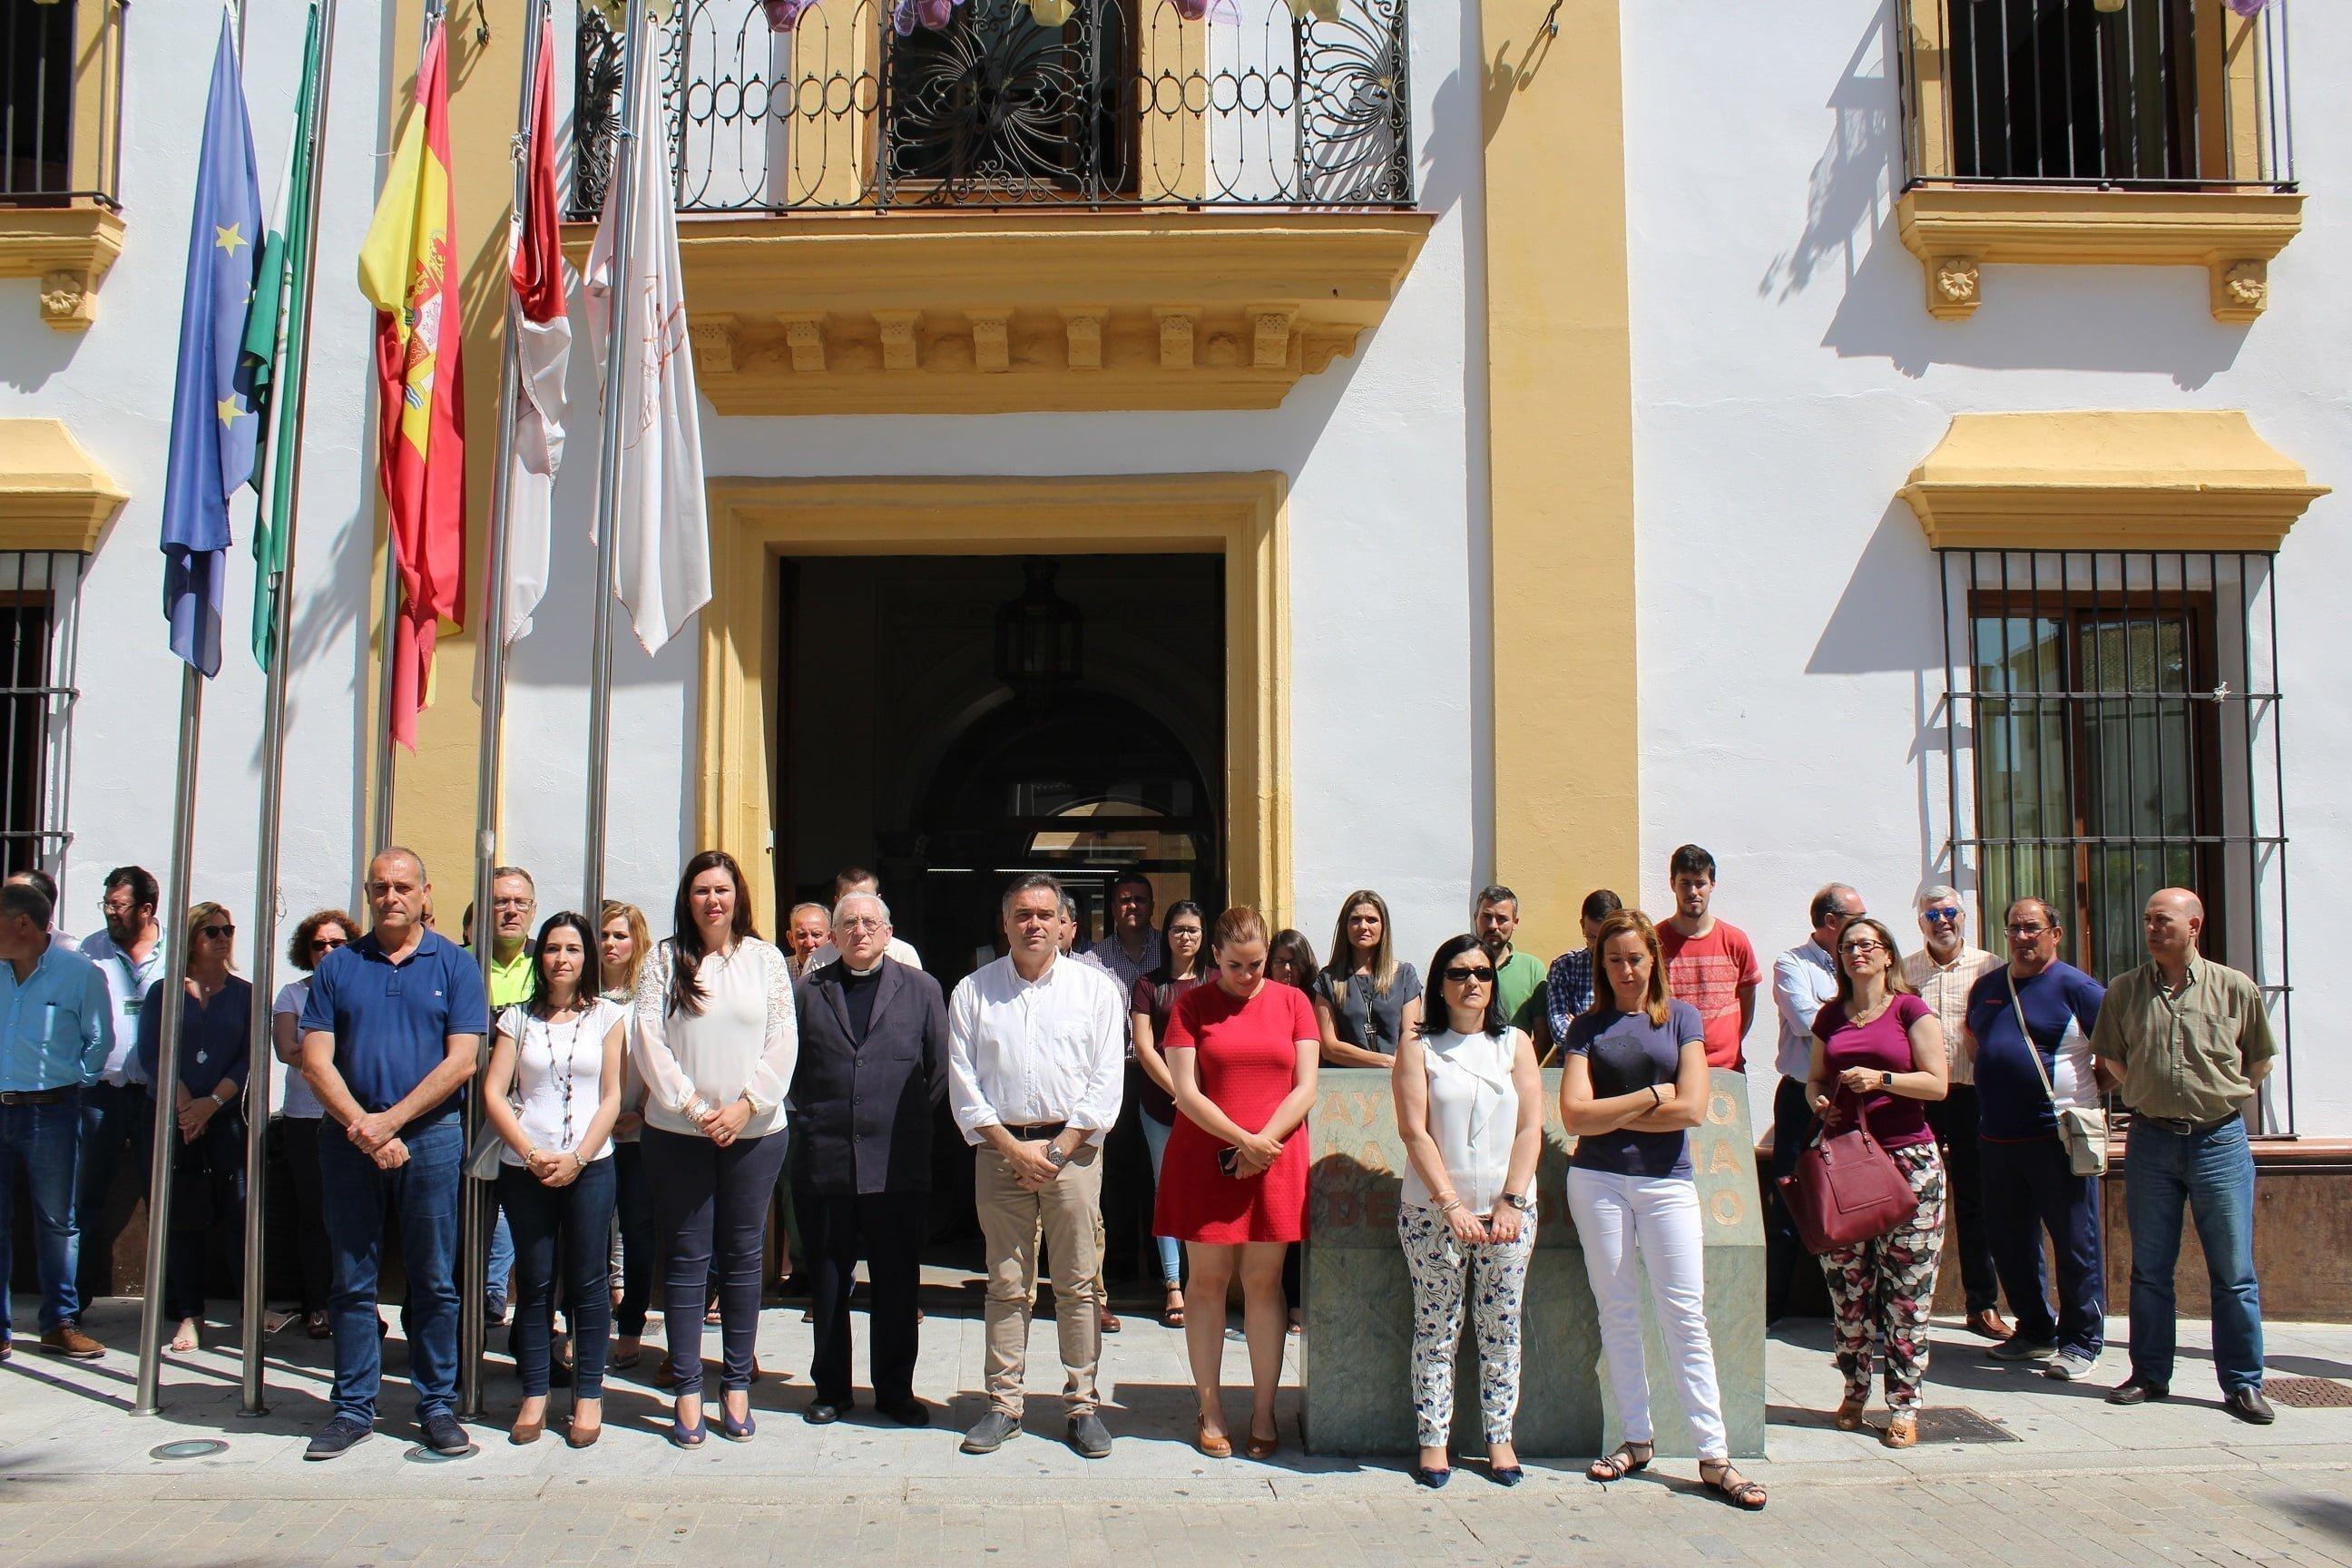 La Palma del Condado se suma al dolor por las víctimas del atentado en el Reino Unido